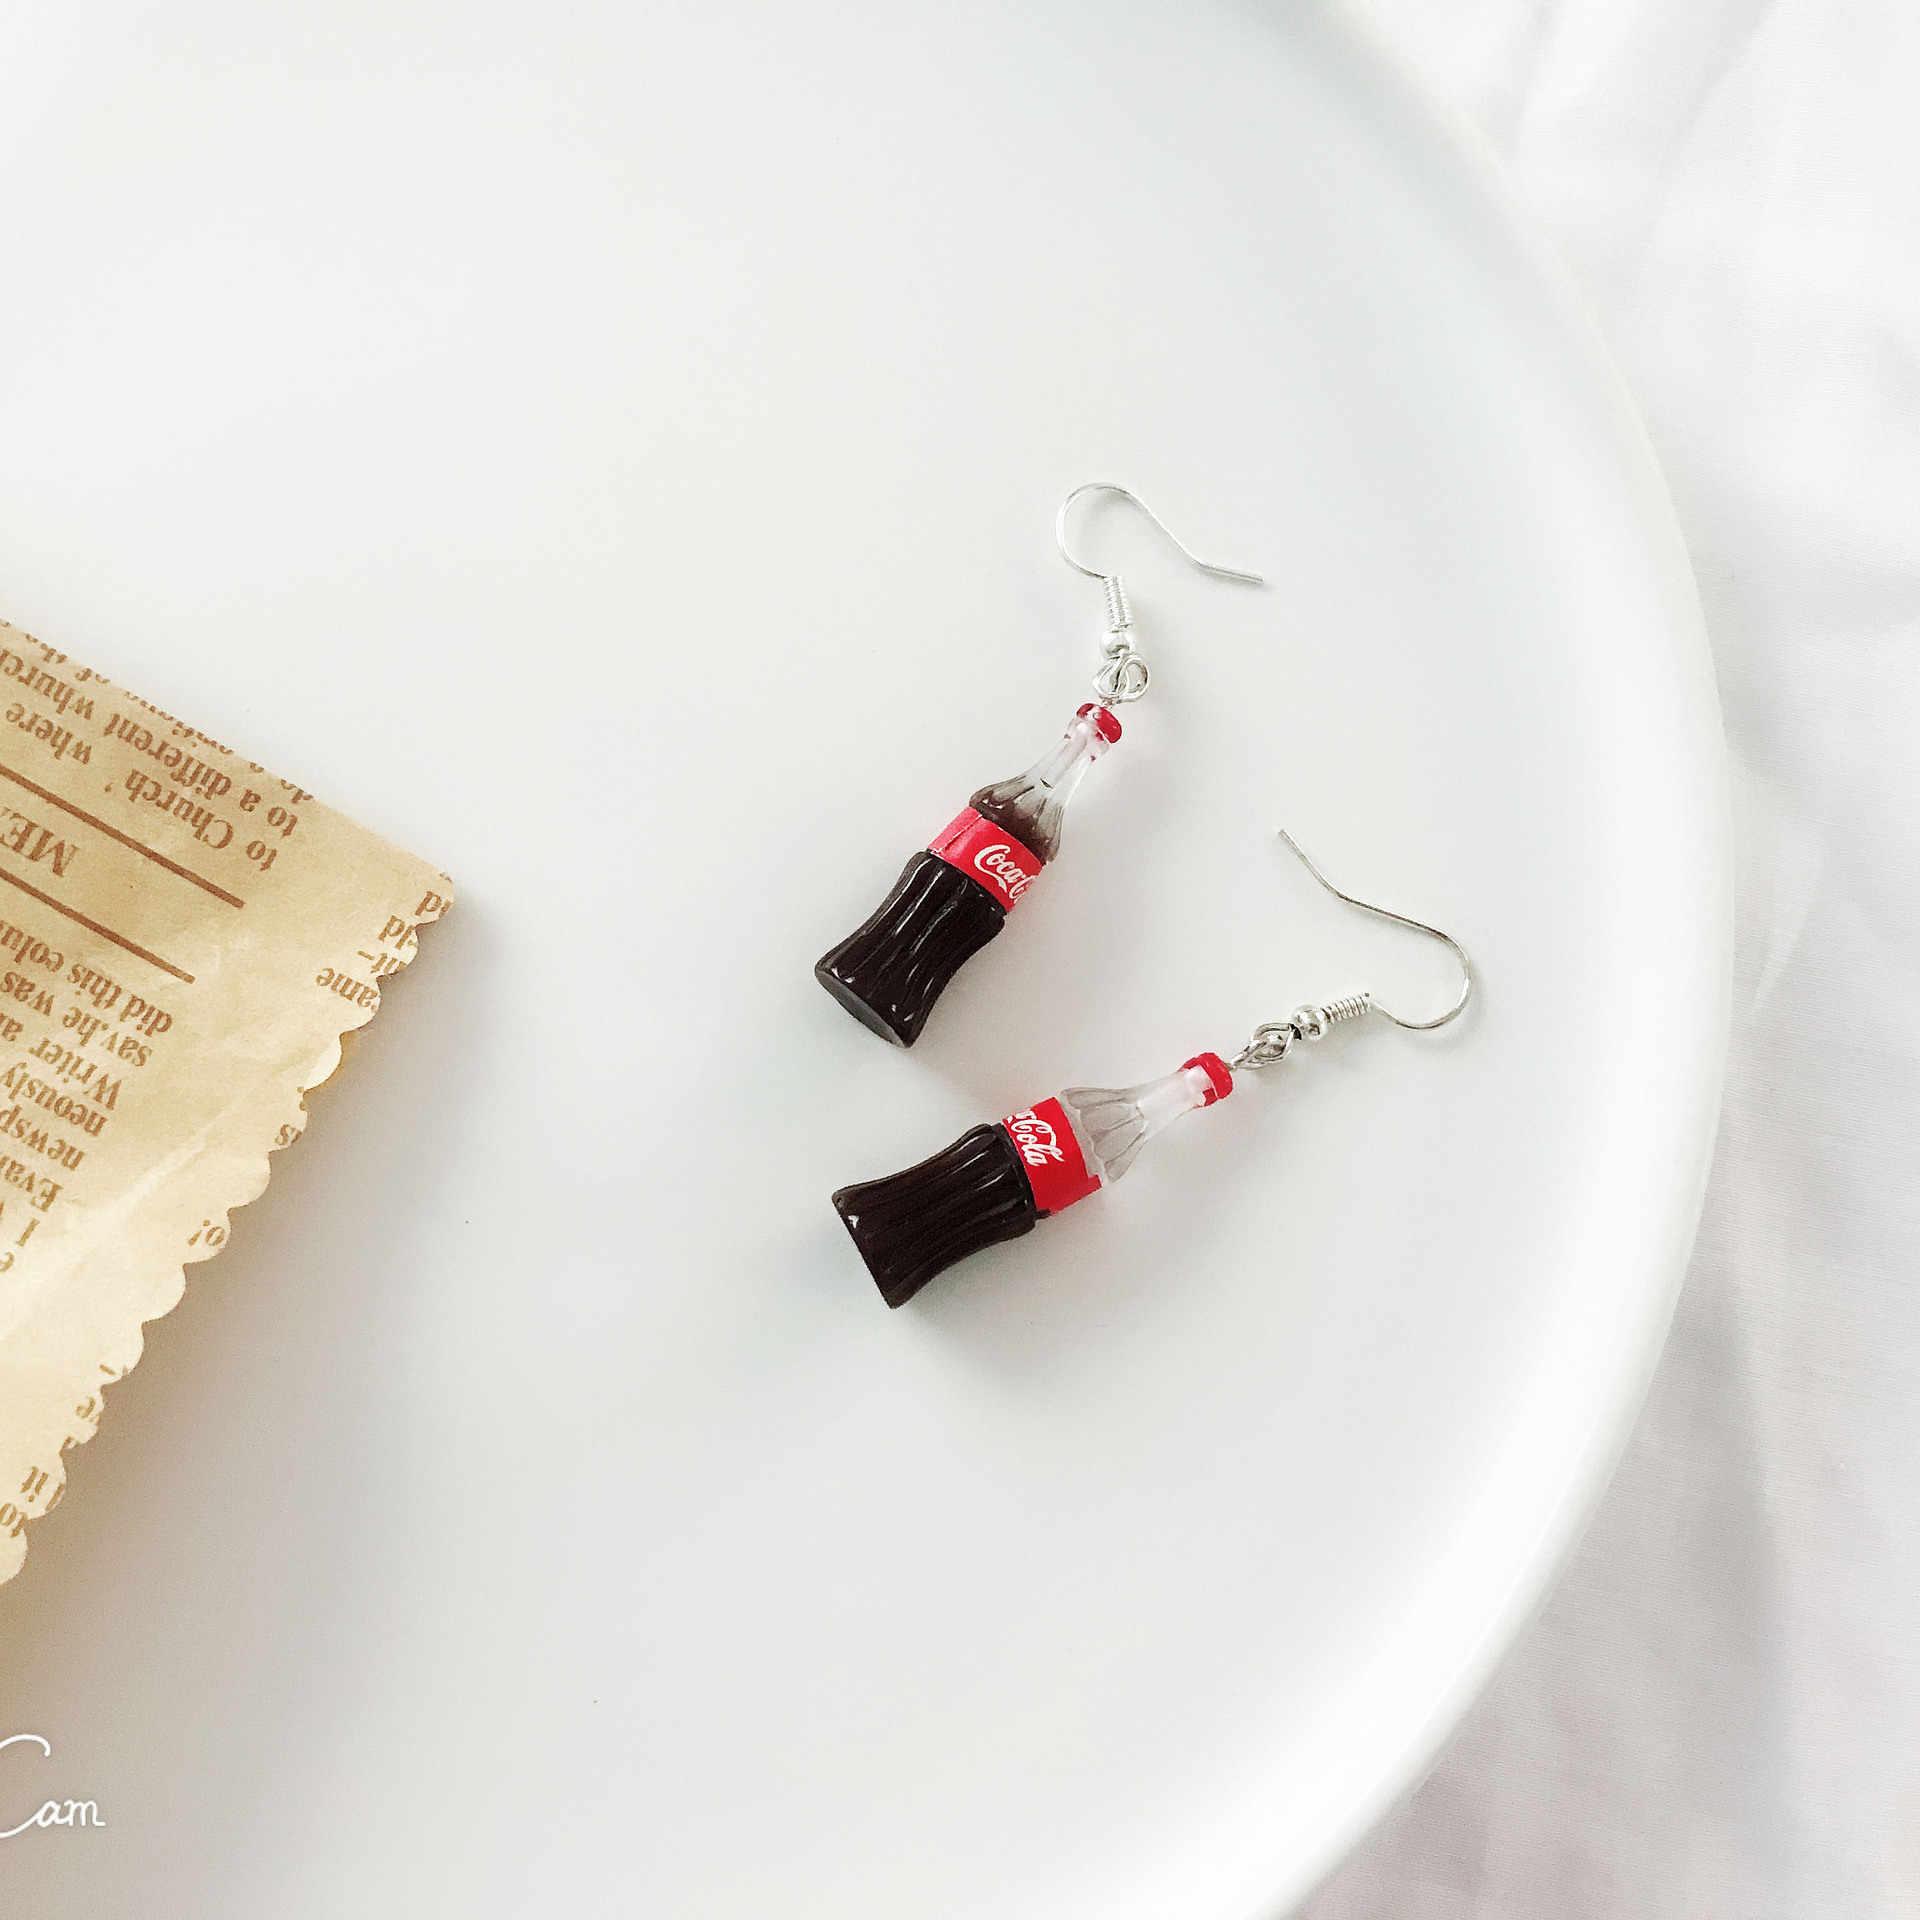 מים מינרליים בקבוק מצחיק עגילים לנשים יצירתי בירה בקבוק חמוד אדום עגילי תכשיטים זרוק קיץ עגילי נקבה